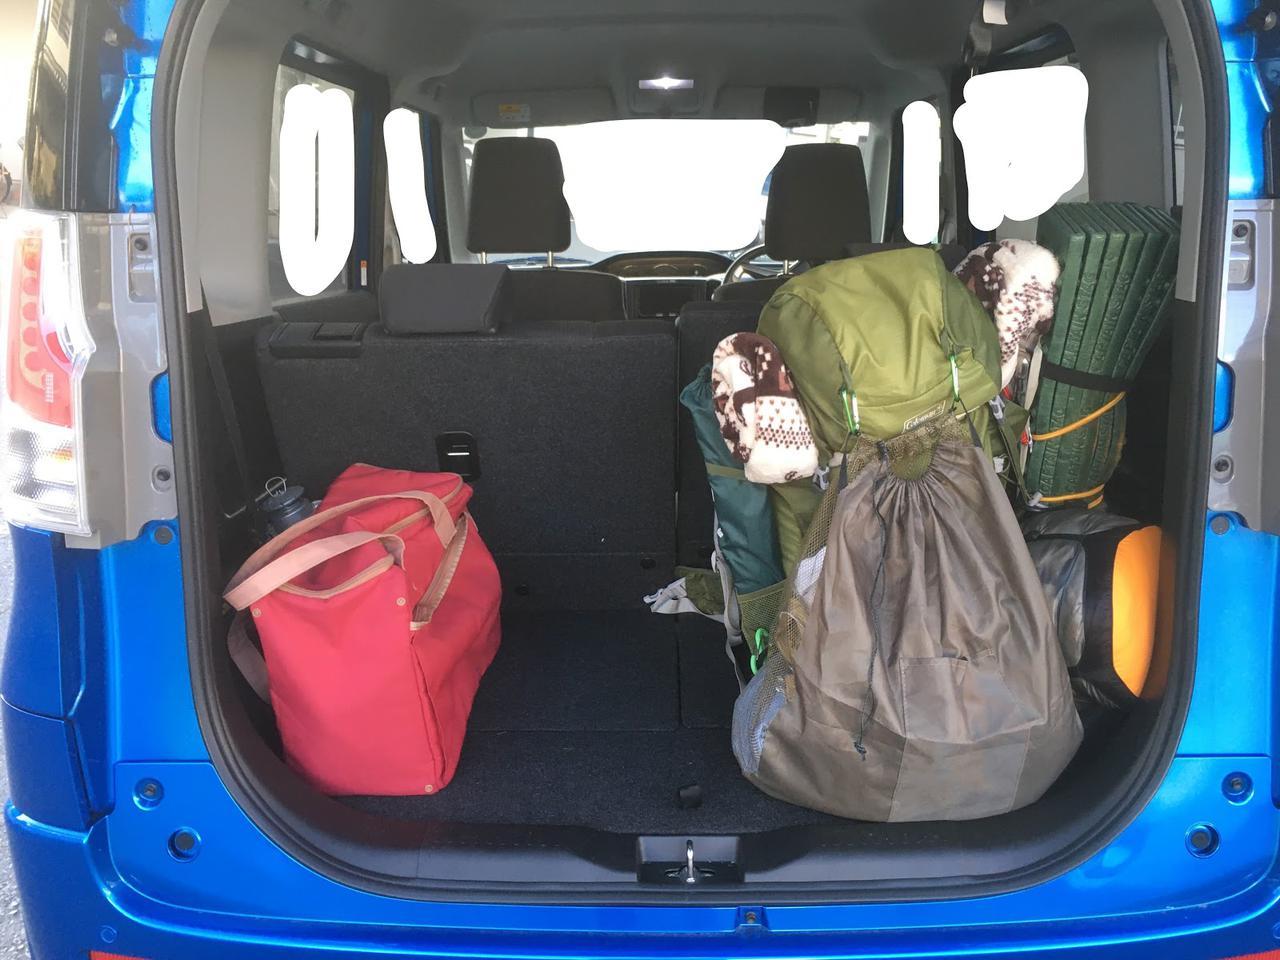 画像: 筆者撮影 車なら私のいつもの徒歩キャン装備に、着替えやクーラーバックを追加しても余裕!!